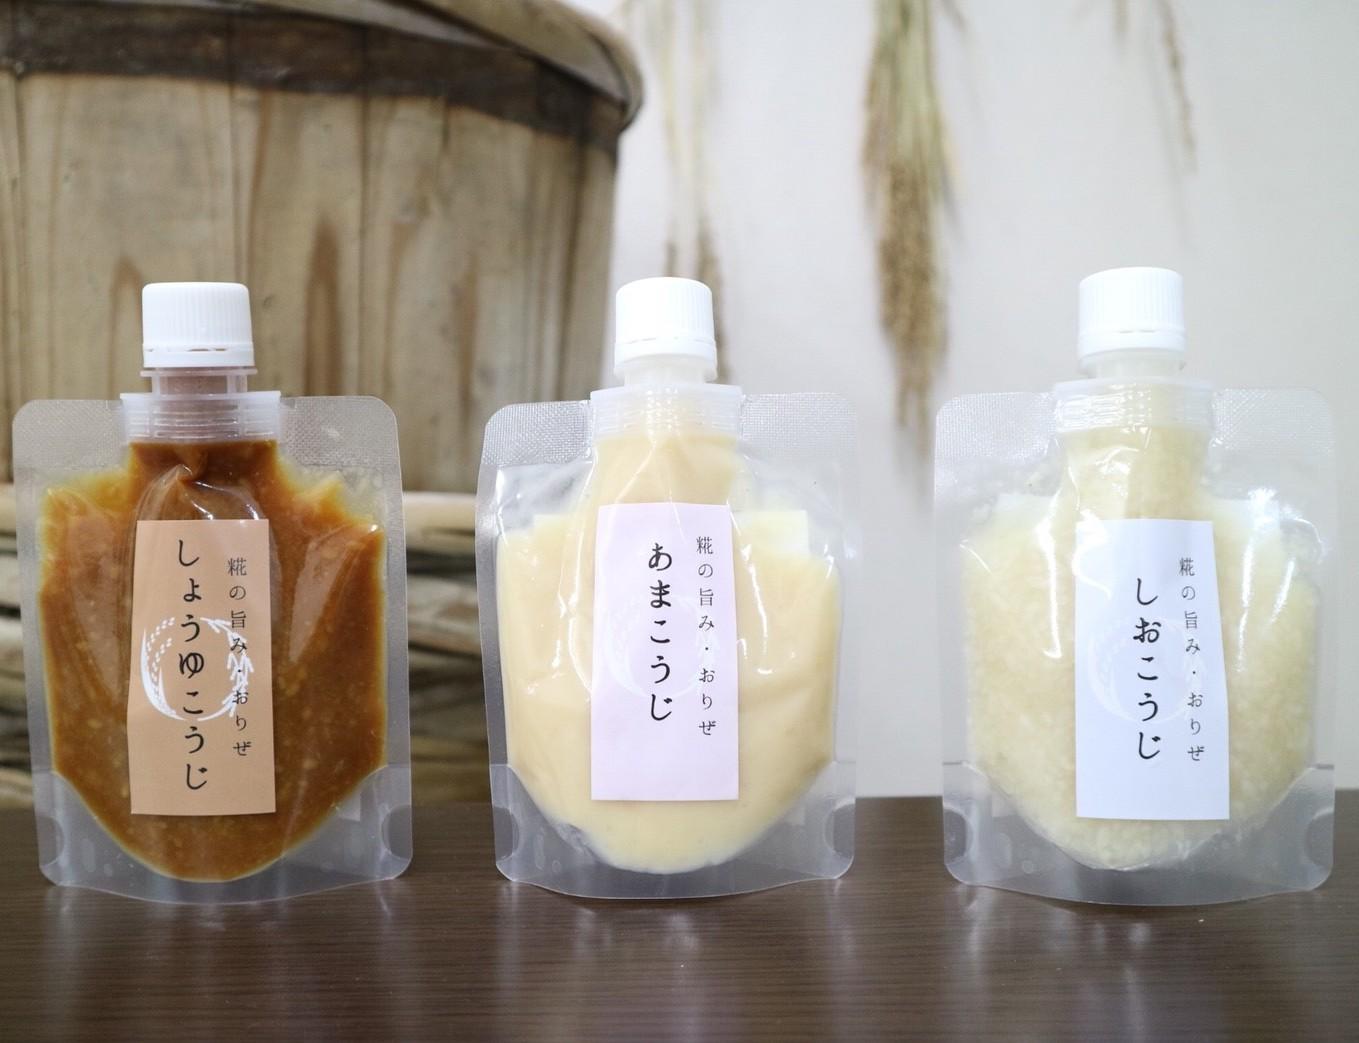 発酵食品のアグクル紹介画像1